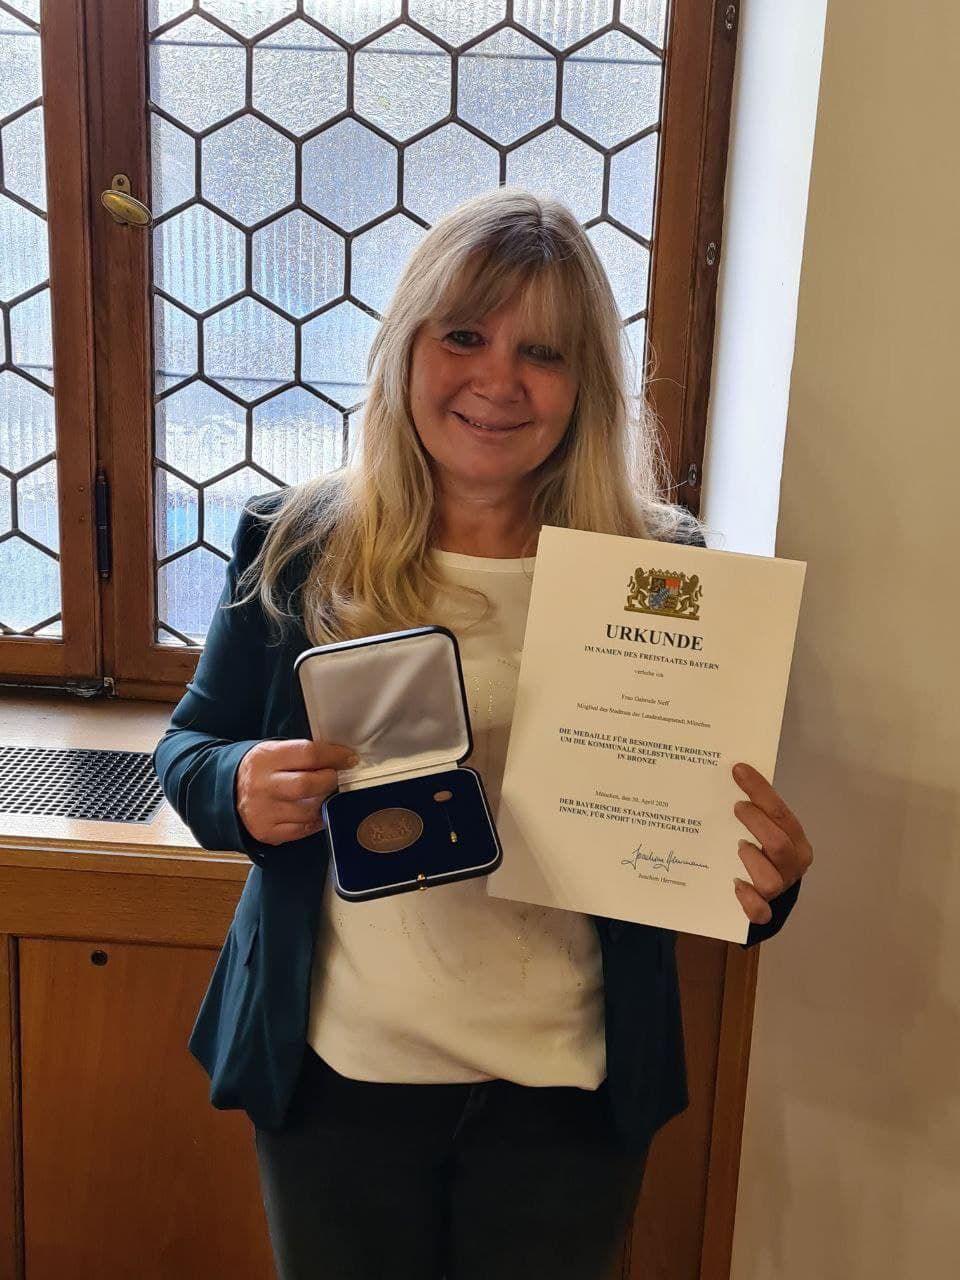 Medaille und Dankurkunde für besondere Verdienste um die kommunale Selbstverwaltung Gabriele Neff